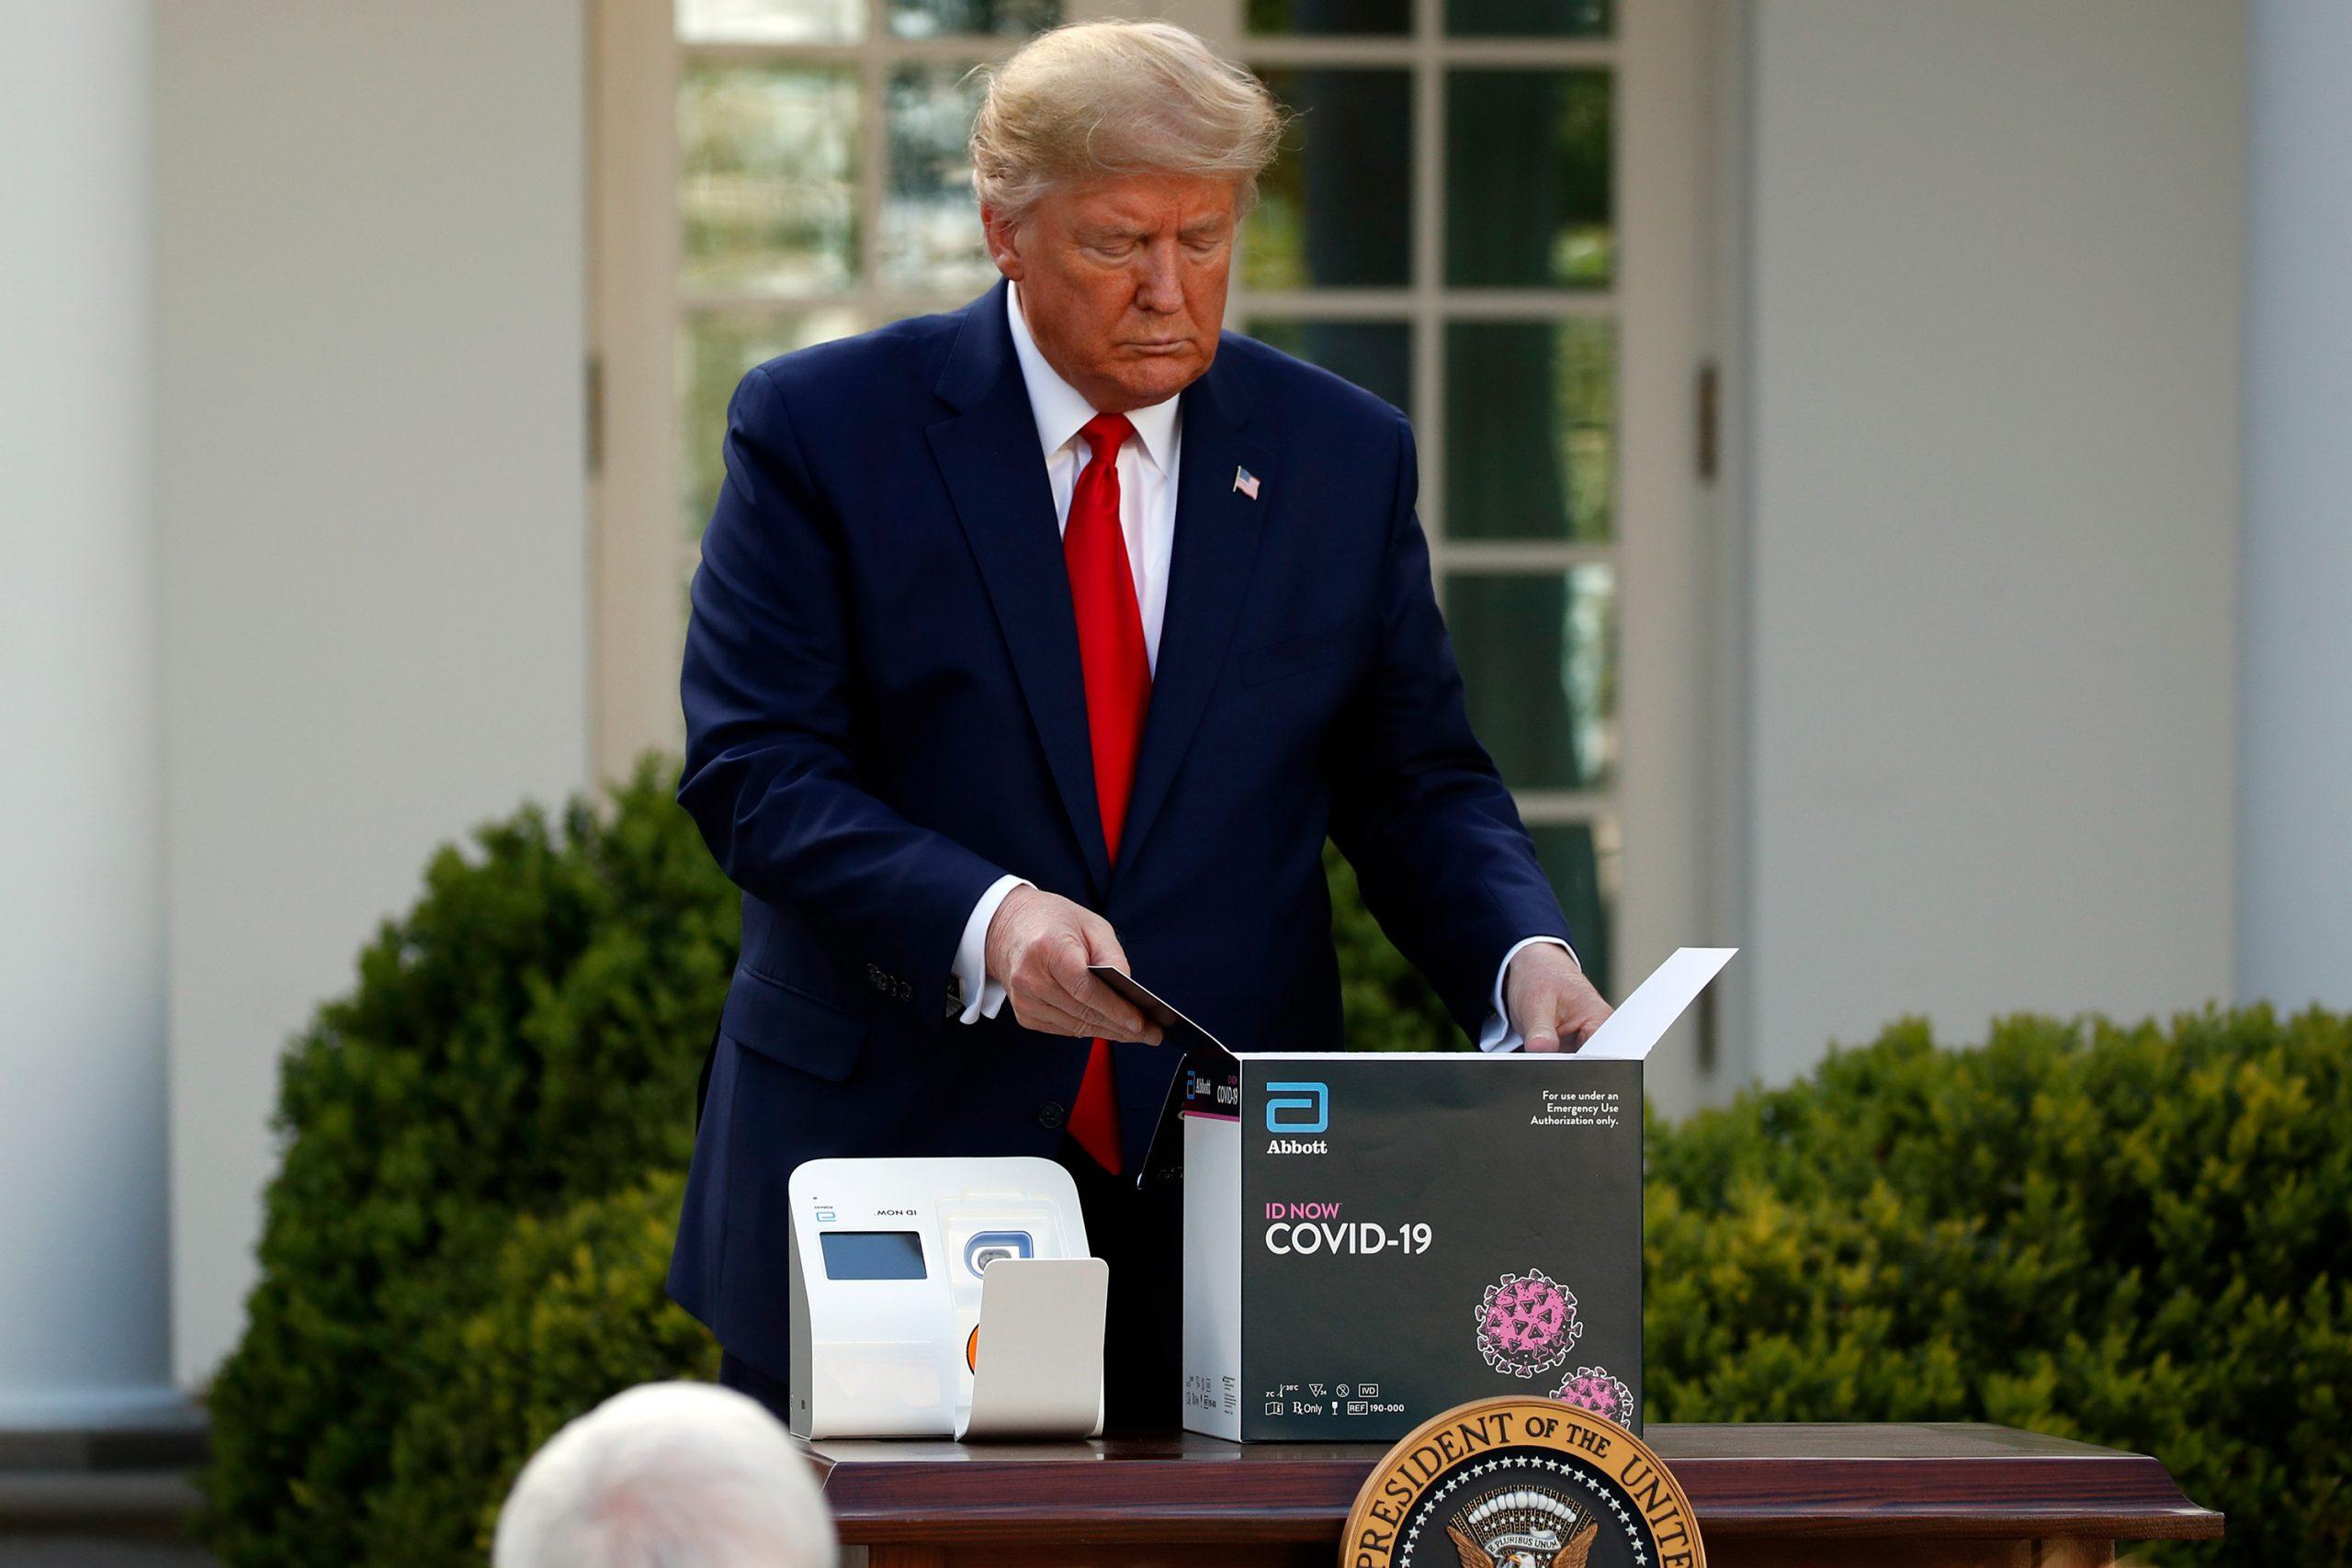 ホワイトハウスの集団感染、迅速検査はなぜ機能しなかったのか